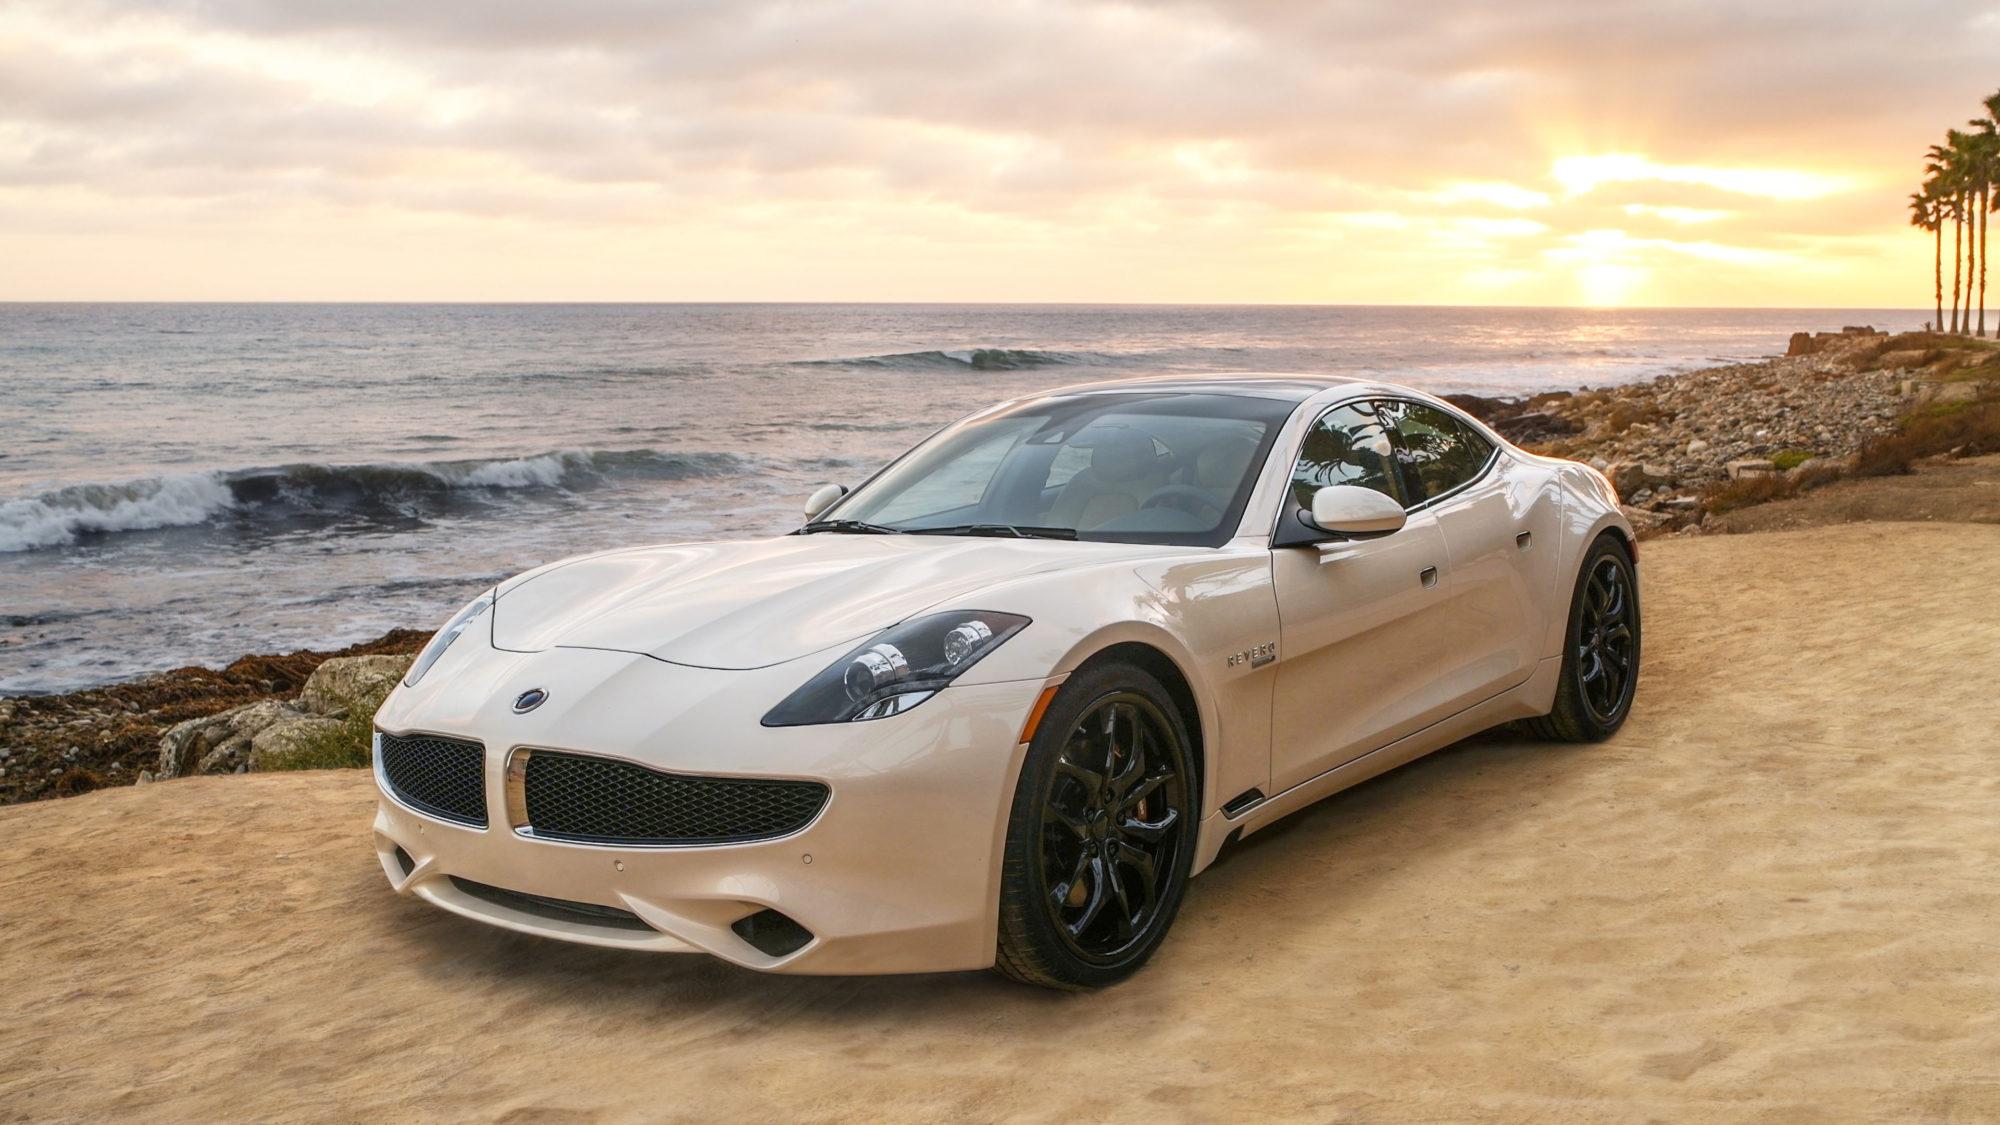 Karma Revero - automobile elettrica di lusso